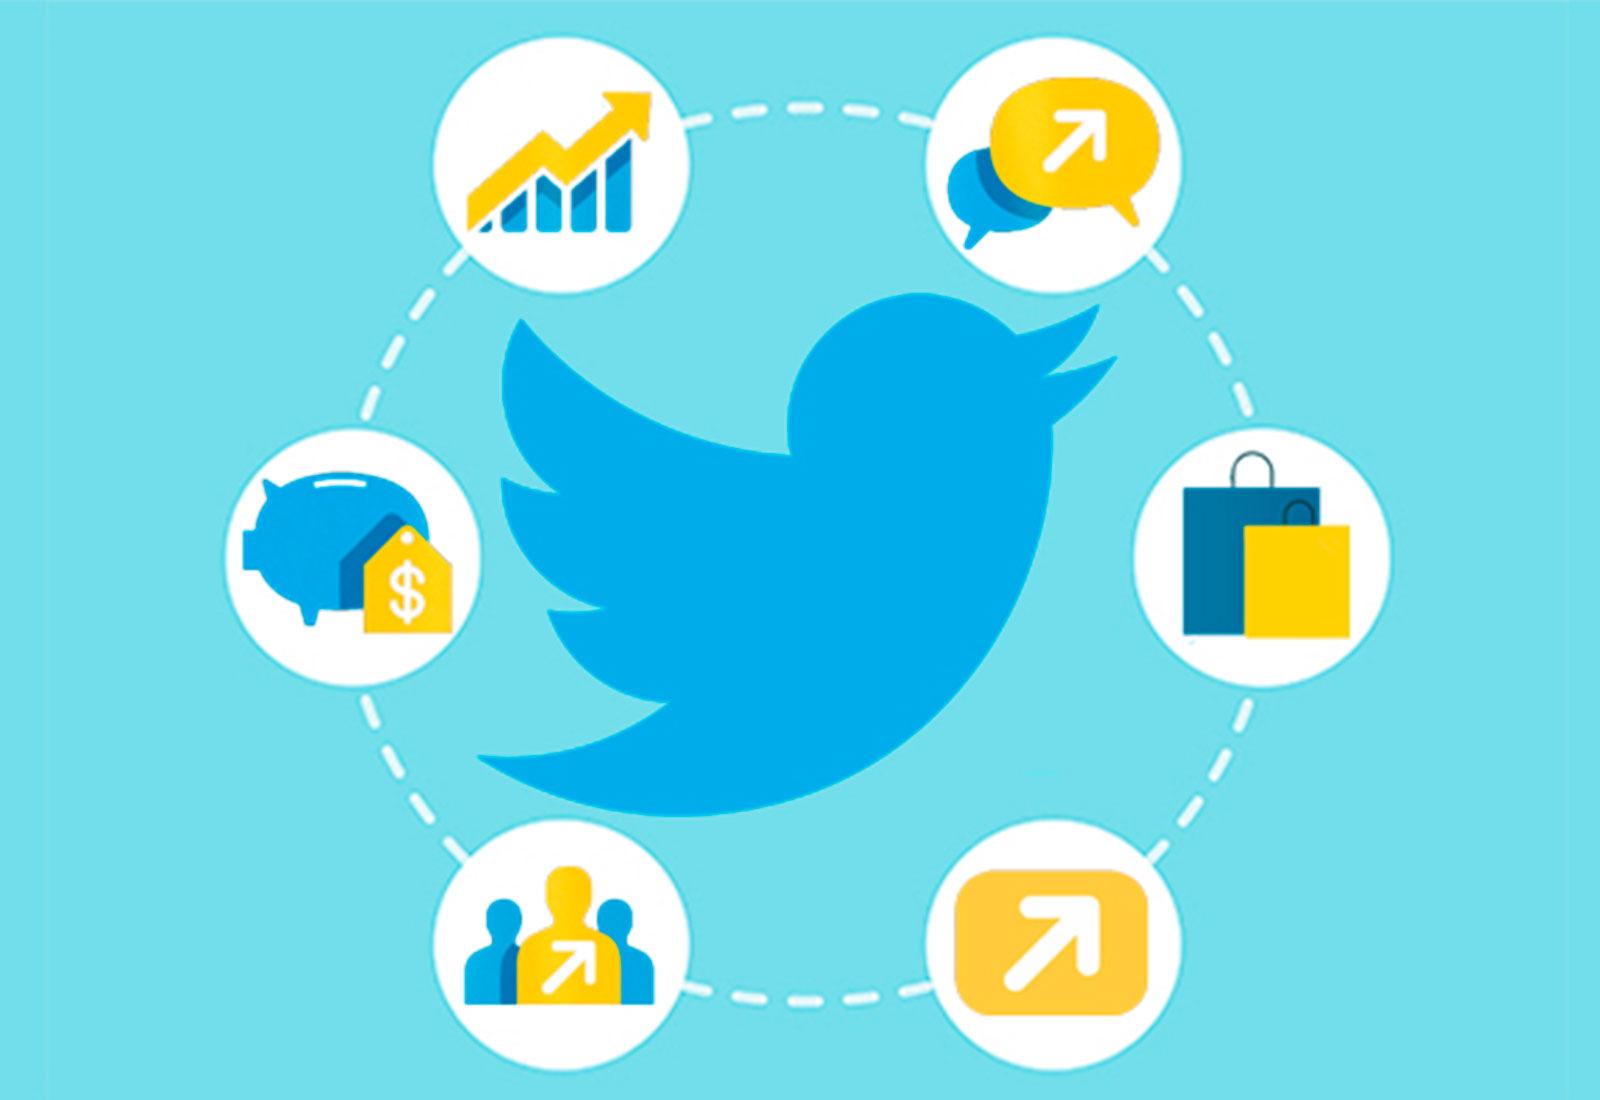 Twitters Ads objetivos